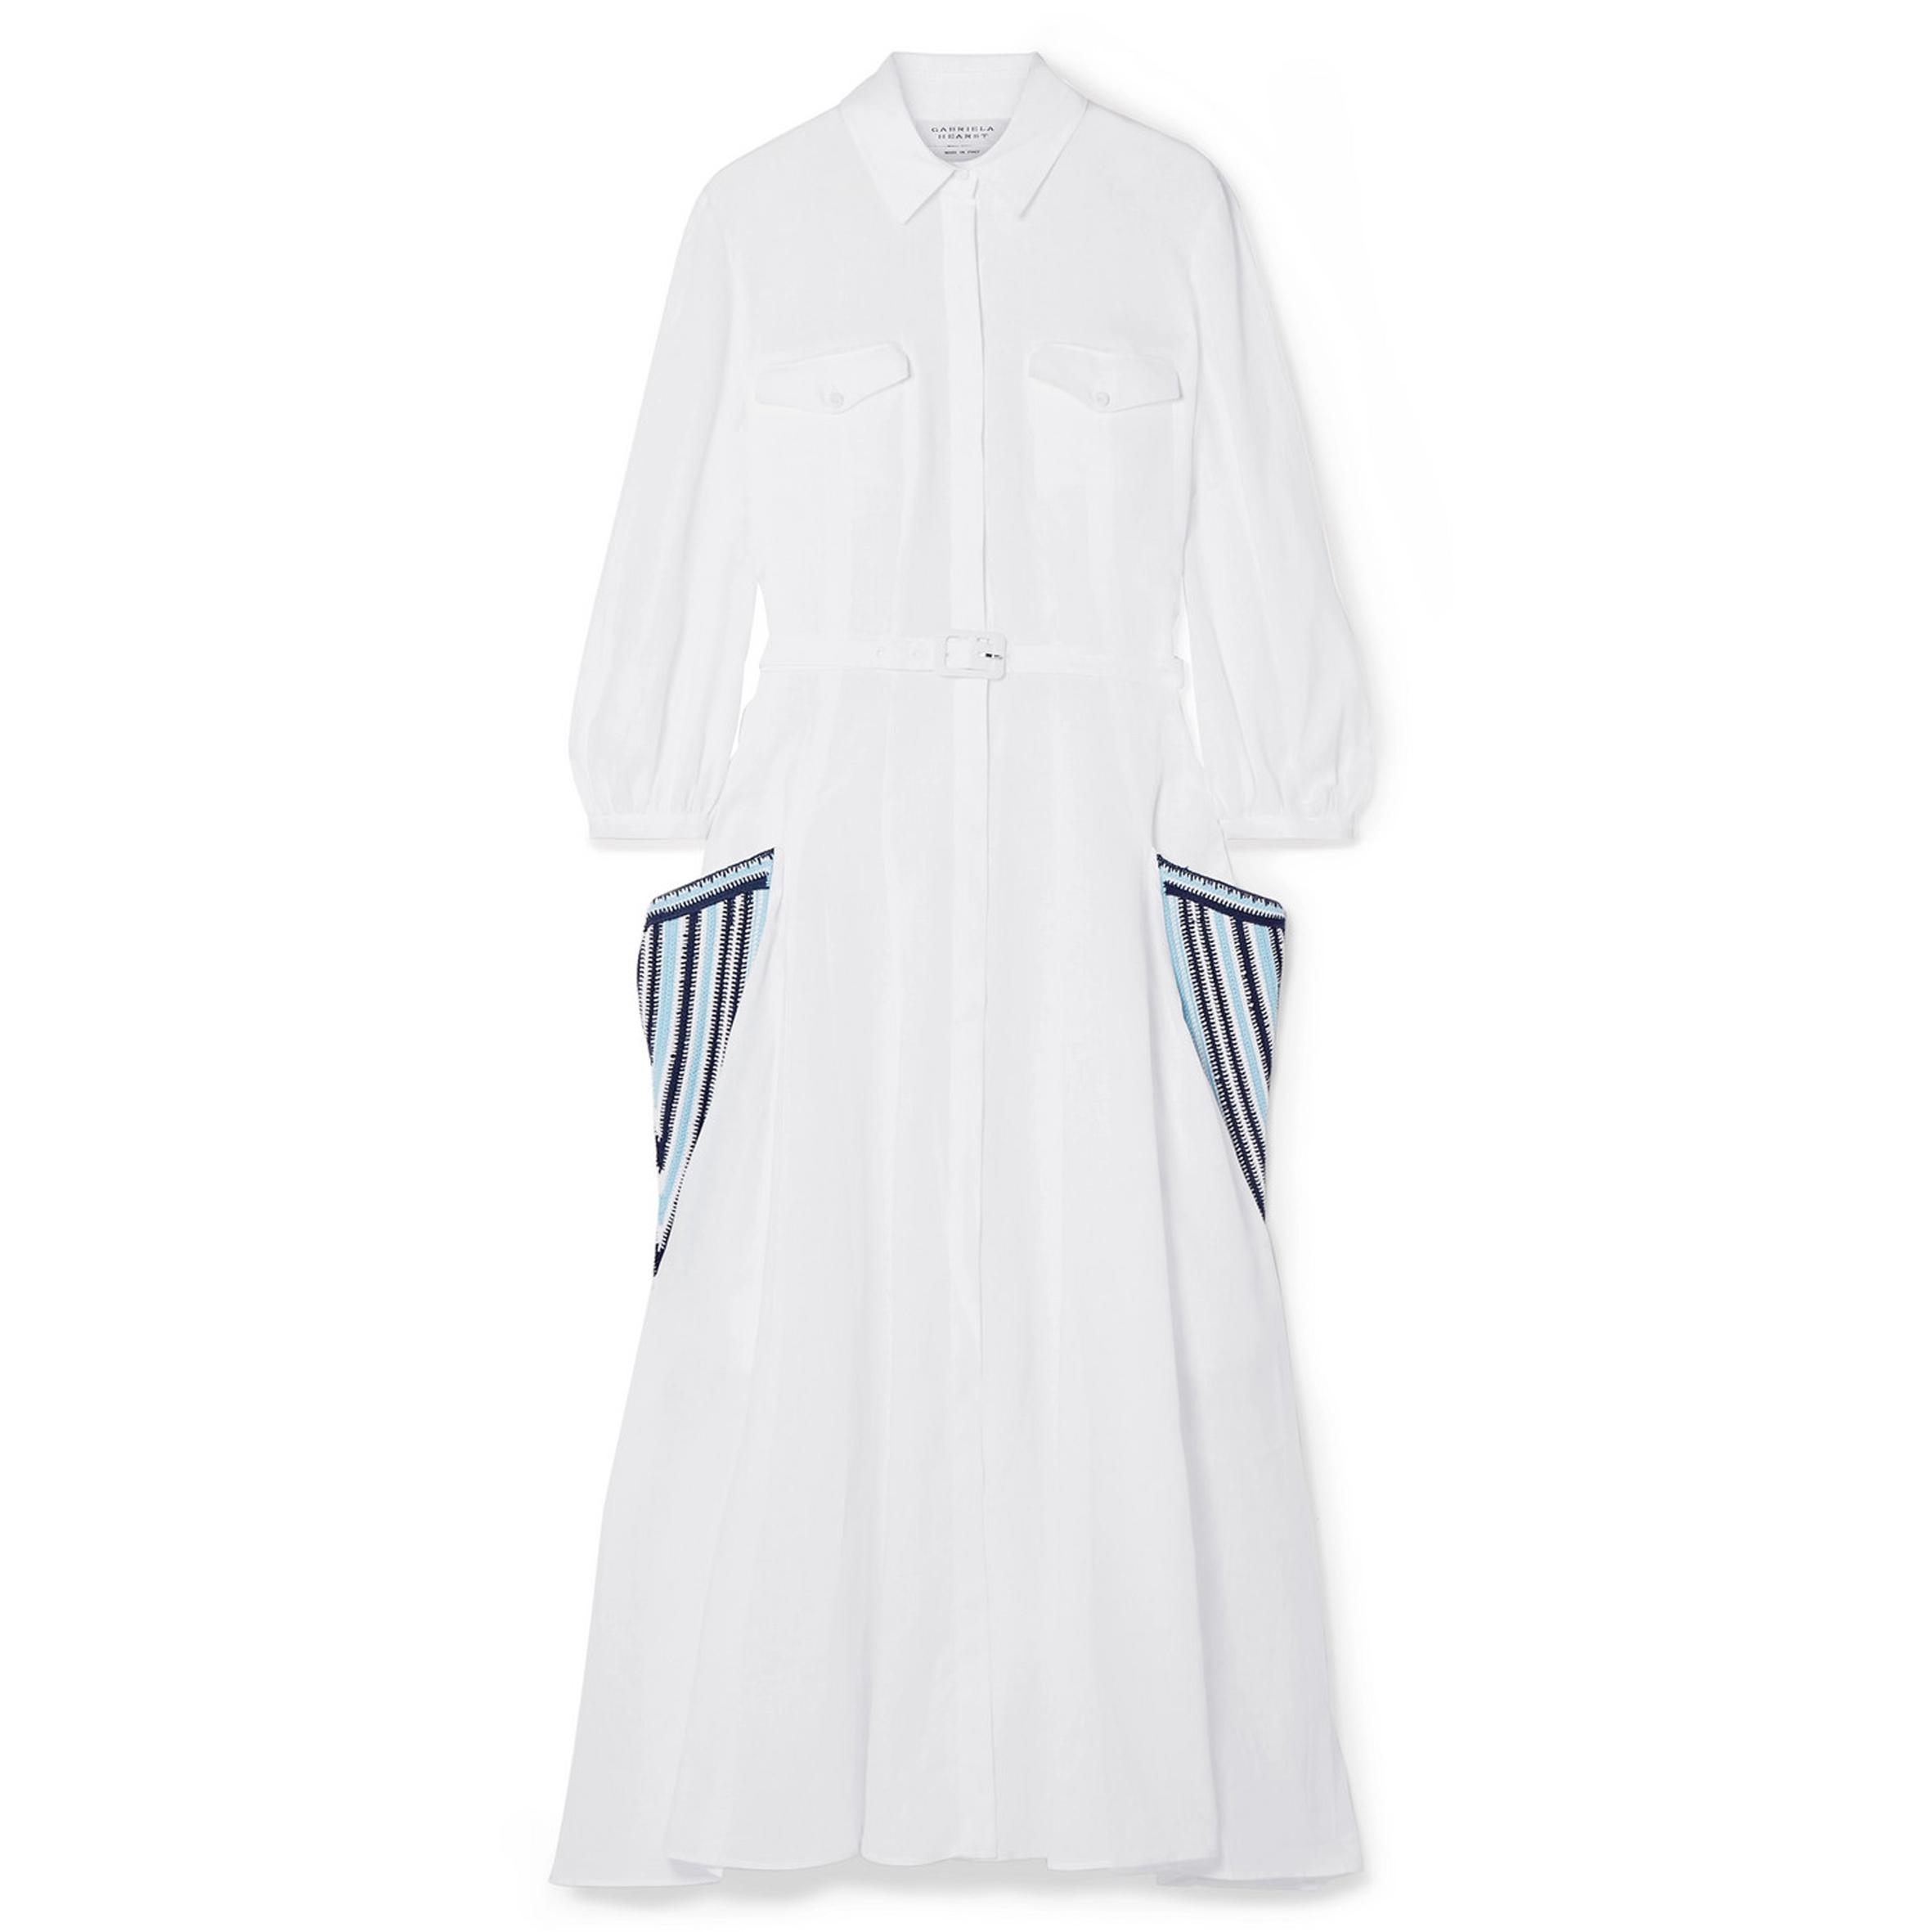 Gabriela Hearst - Woodward belted crochet-trimmed linen midi dress | SGD 2,293